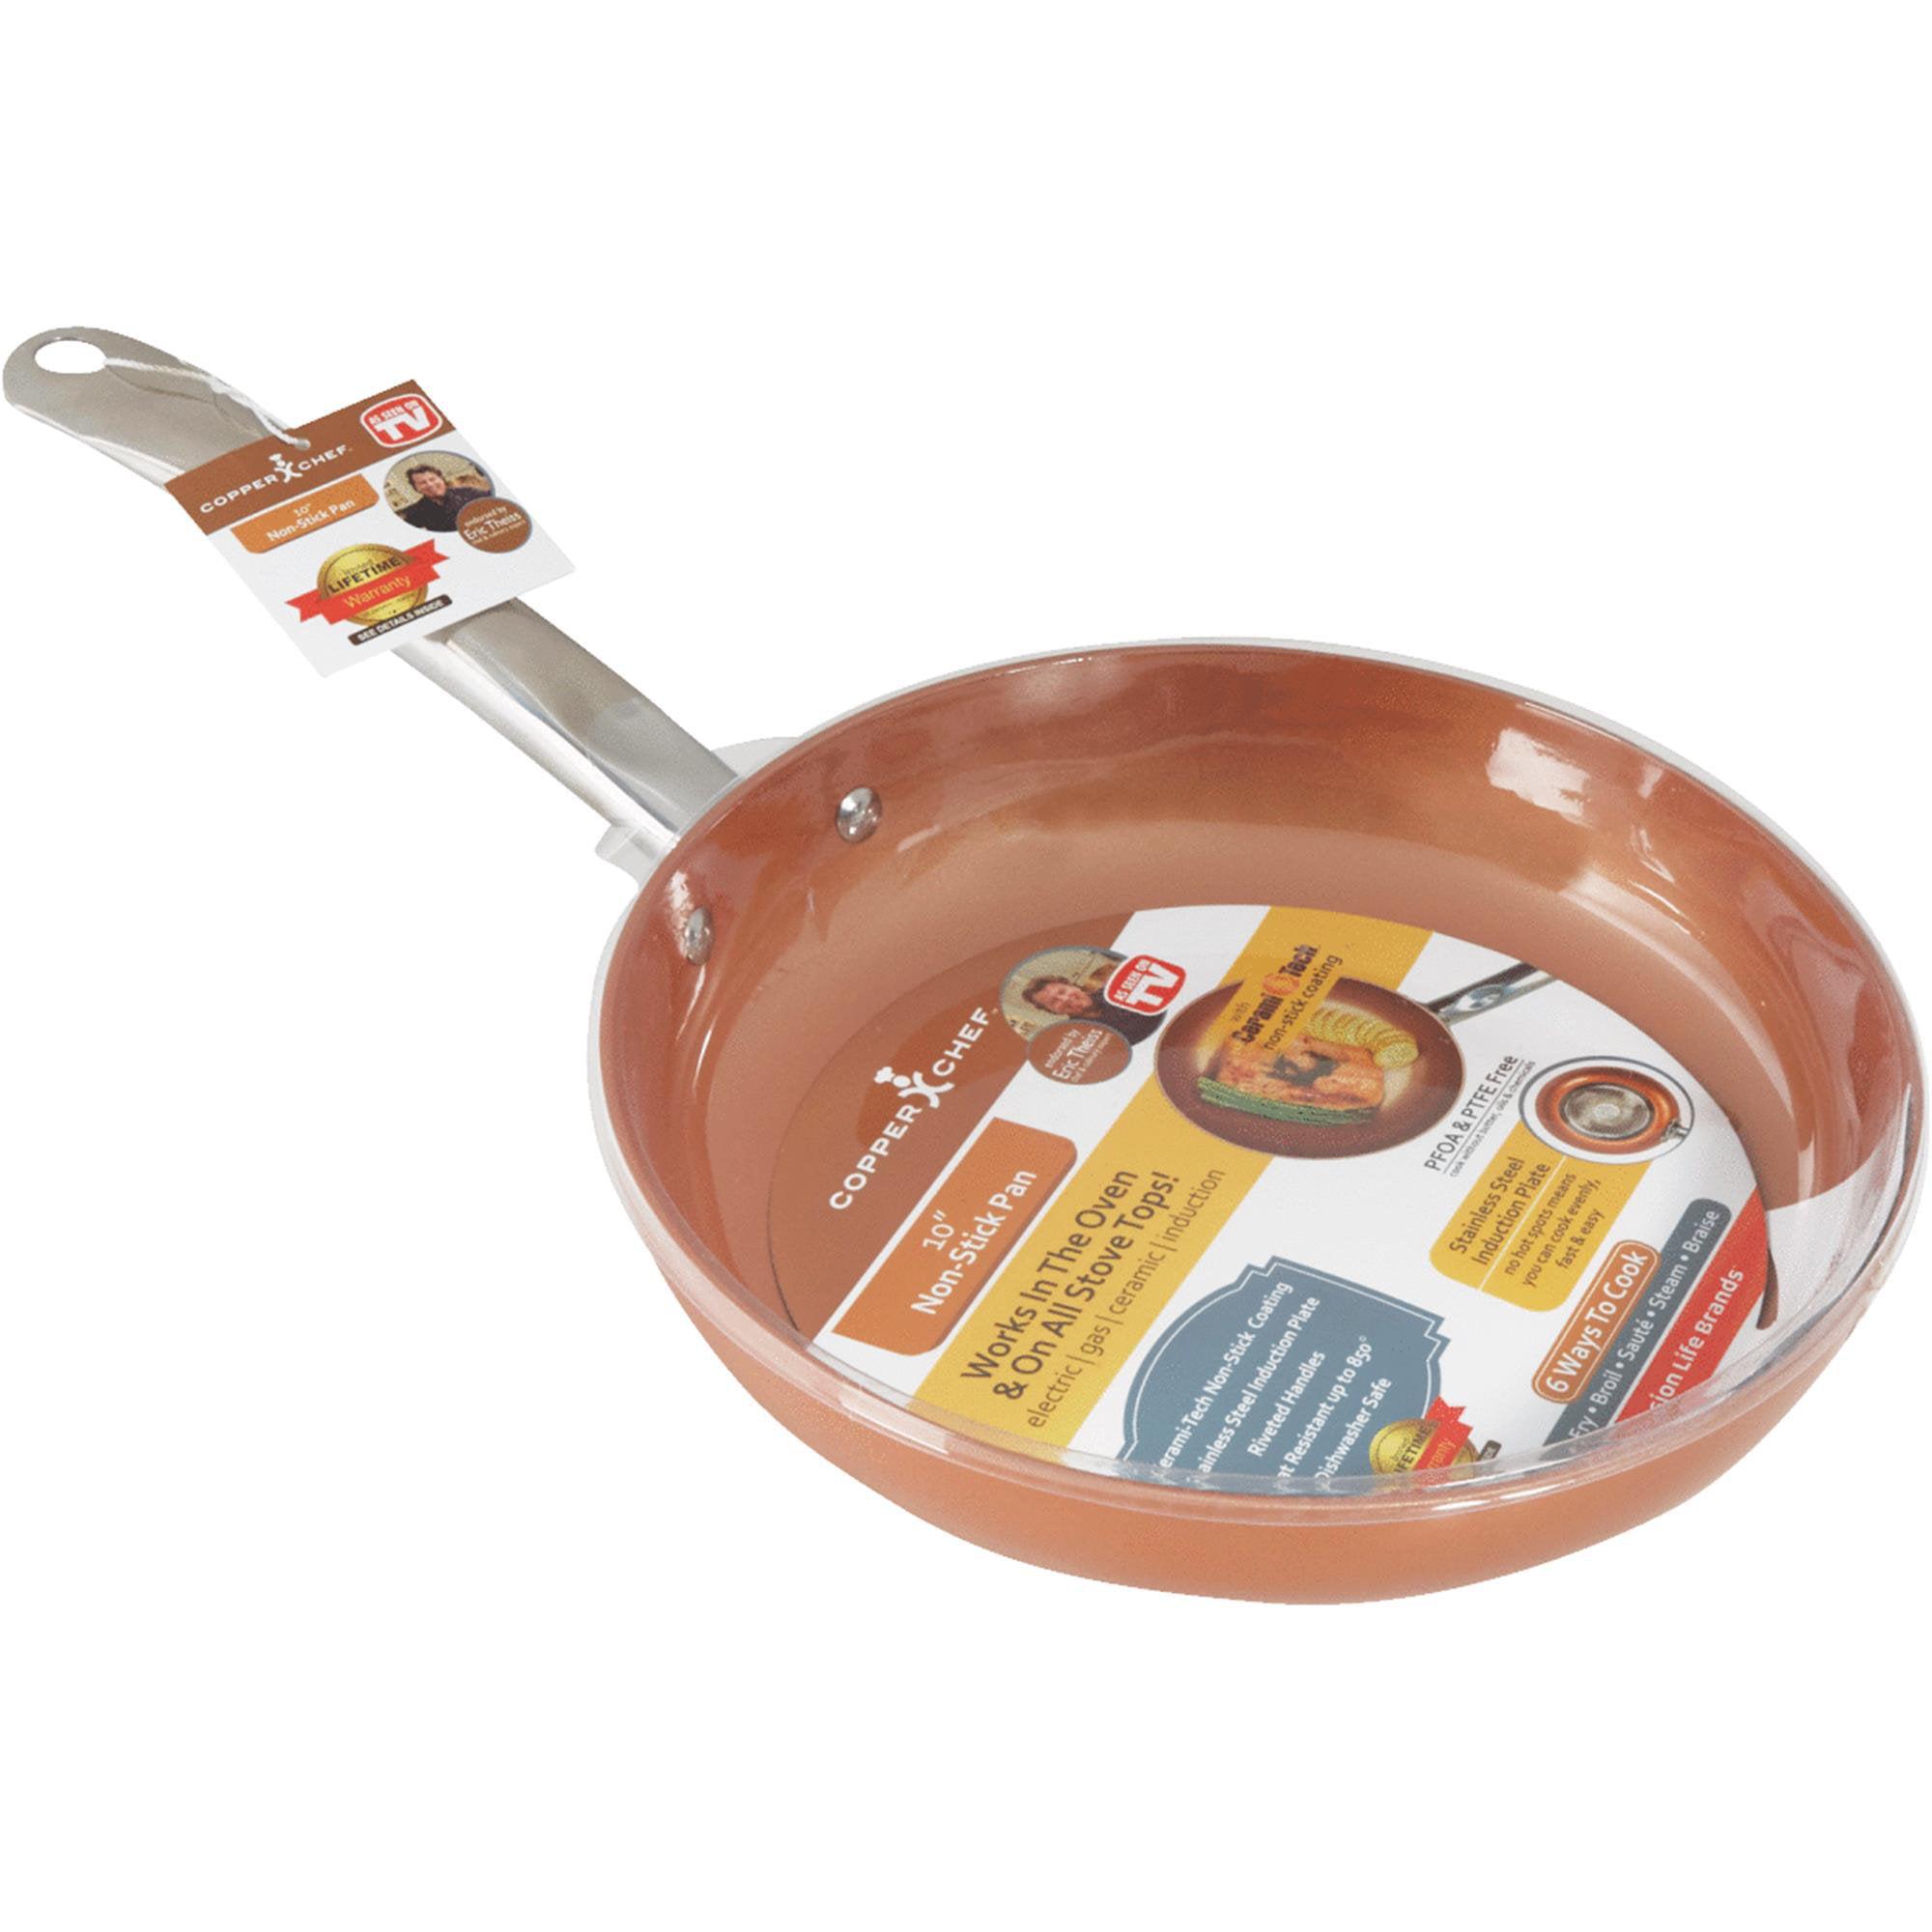 Copper Chef Non Stick Round Fry Pan Walmart Com